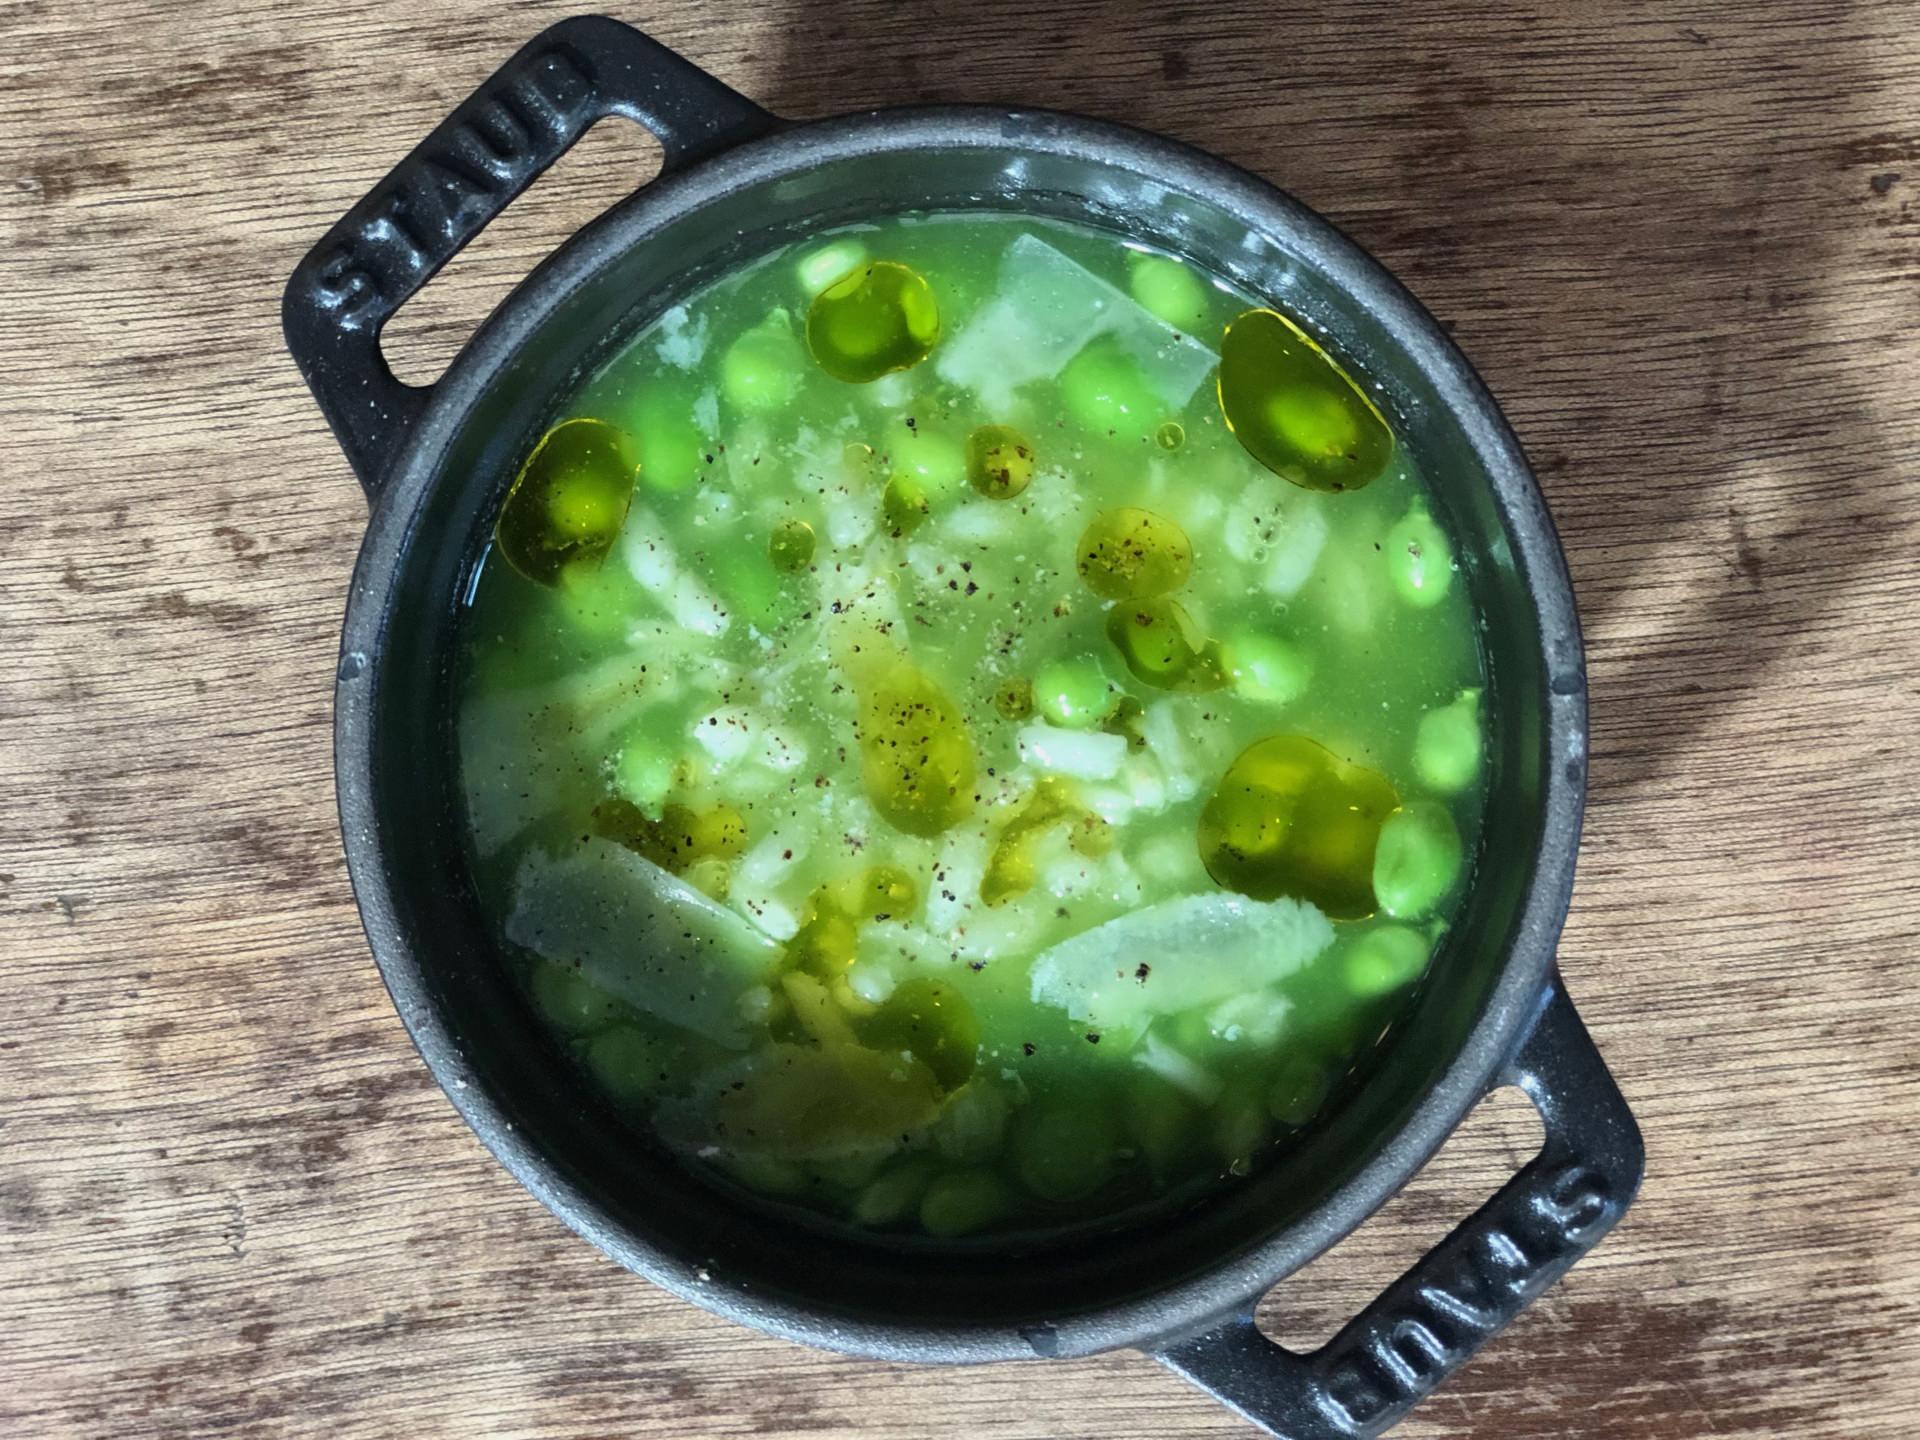 cuisine-populairericcardopiaggio.jpg